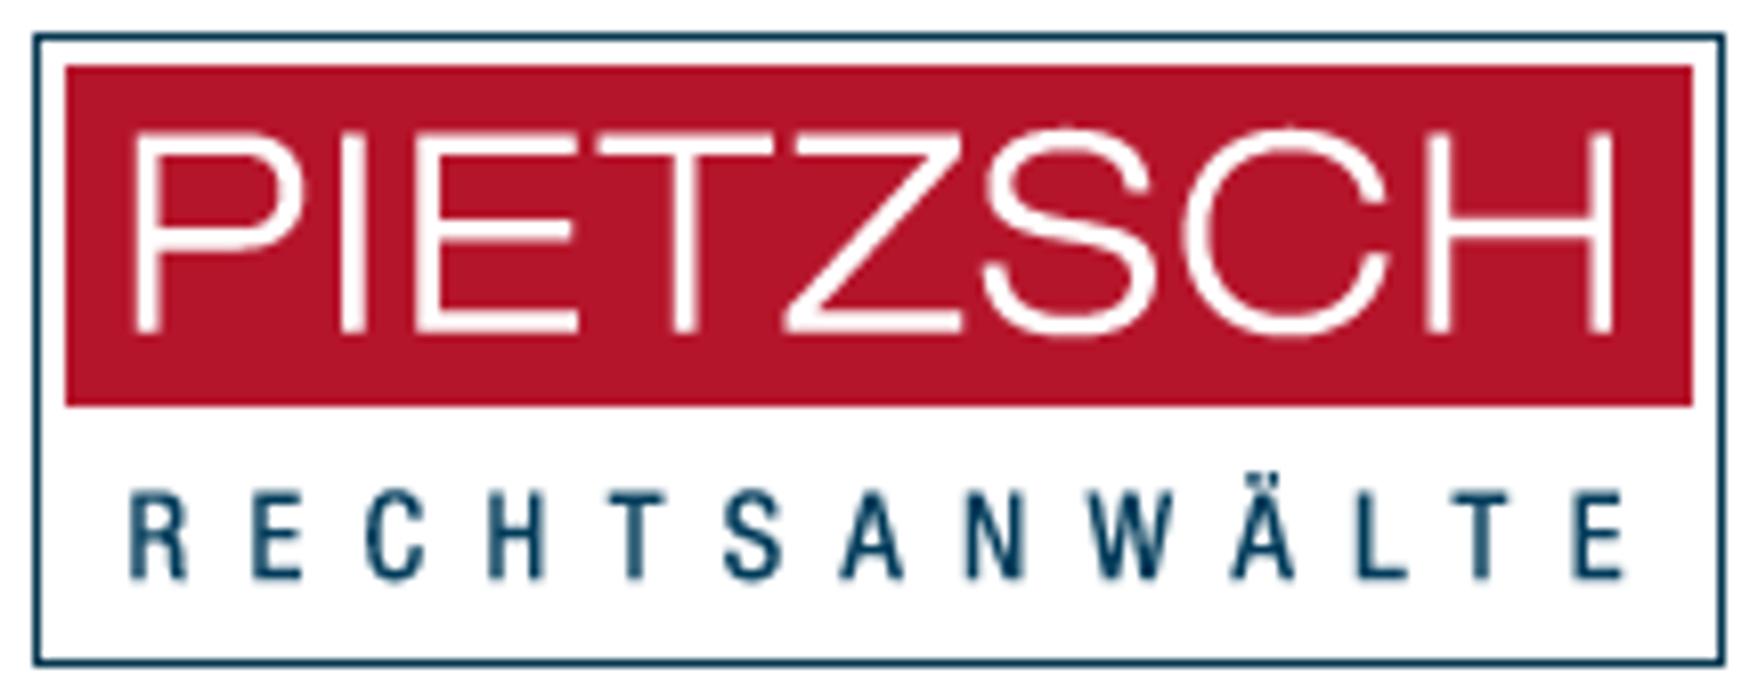 Logo von Pietzsch Rechtsanwälte